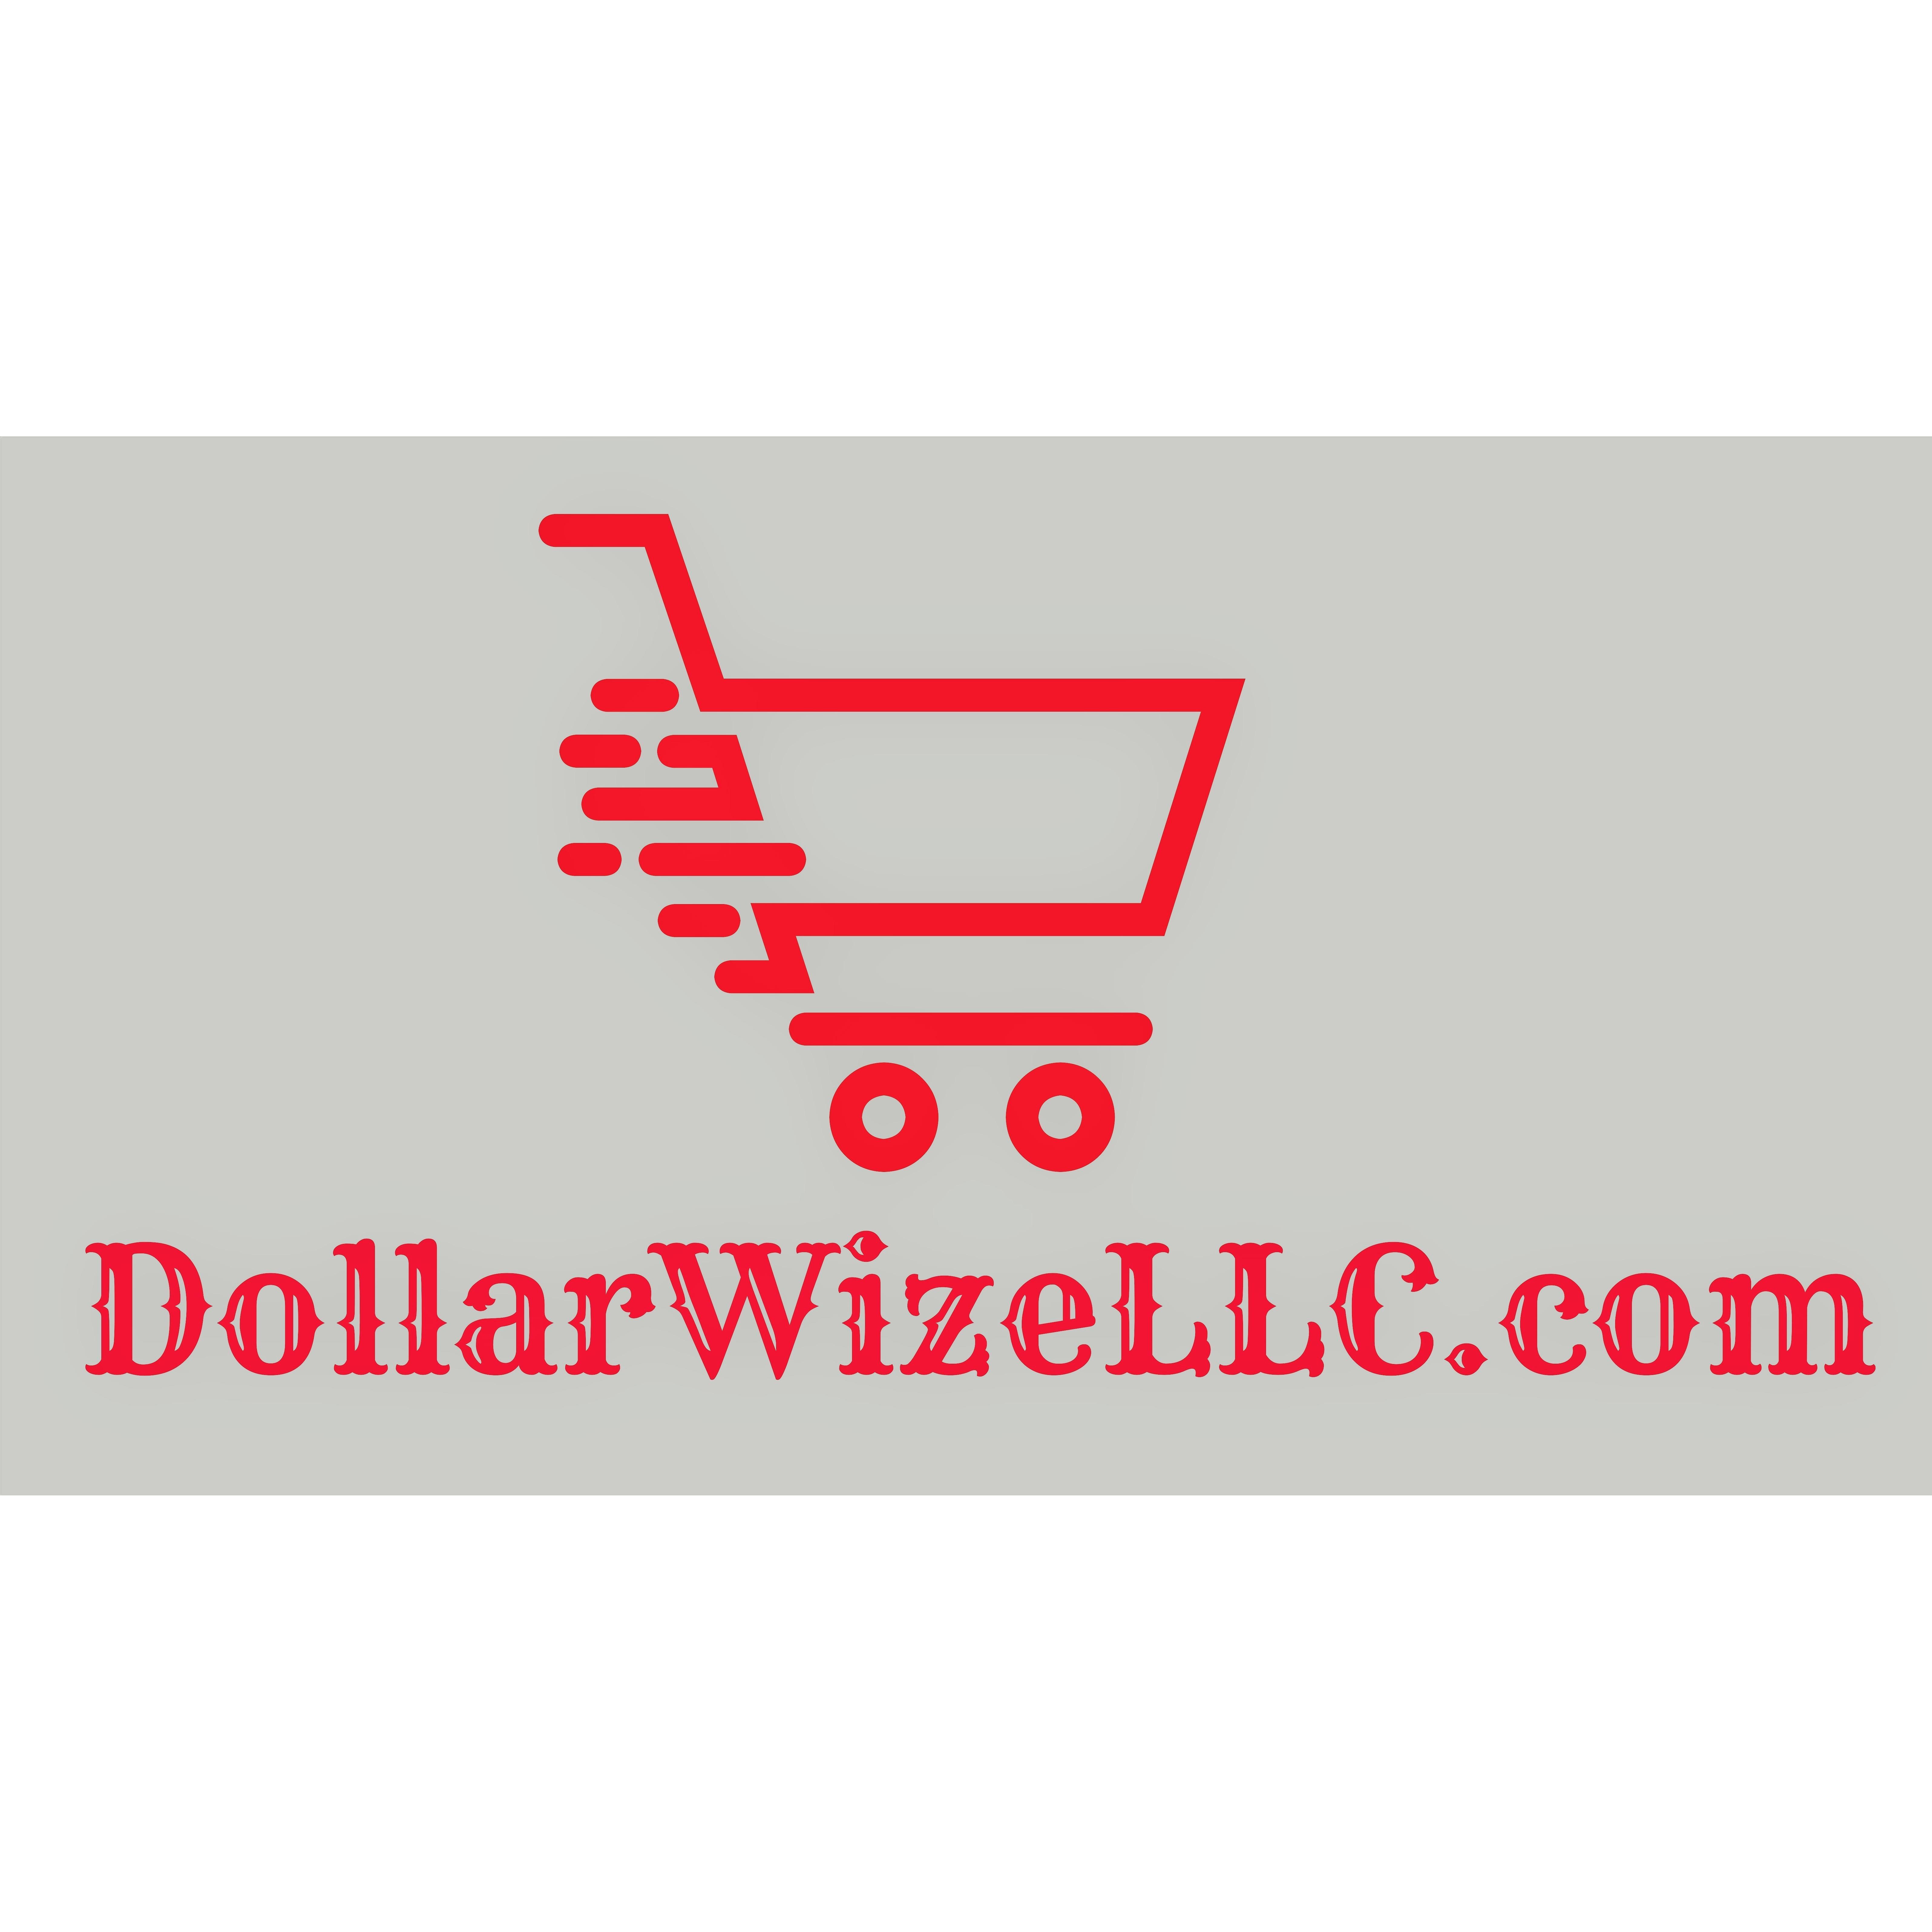 Https://www.DollarWizeLLC.com